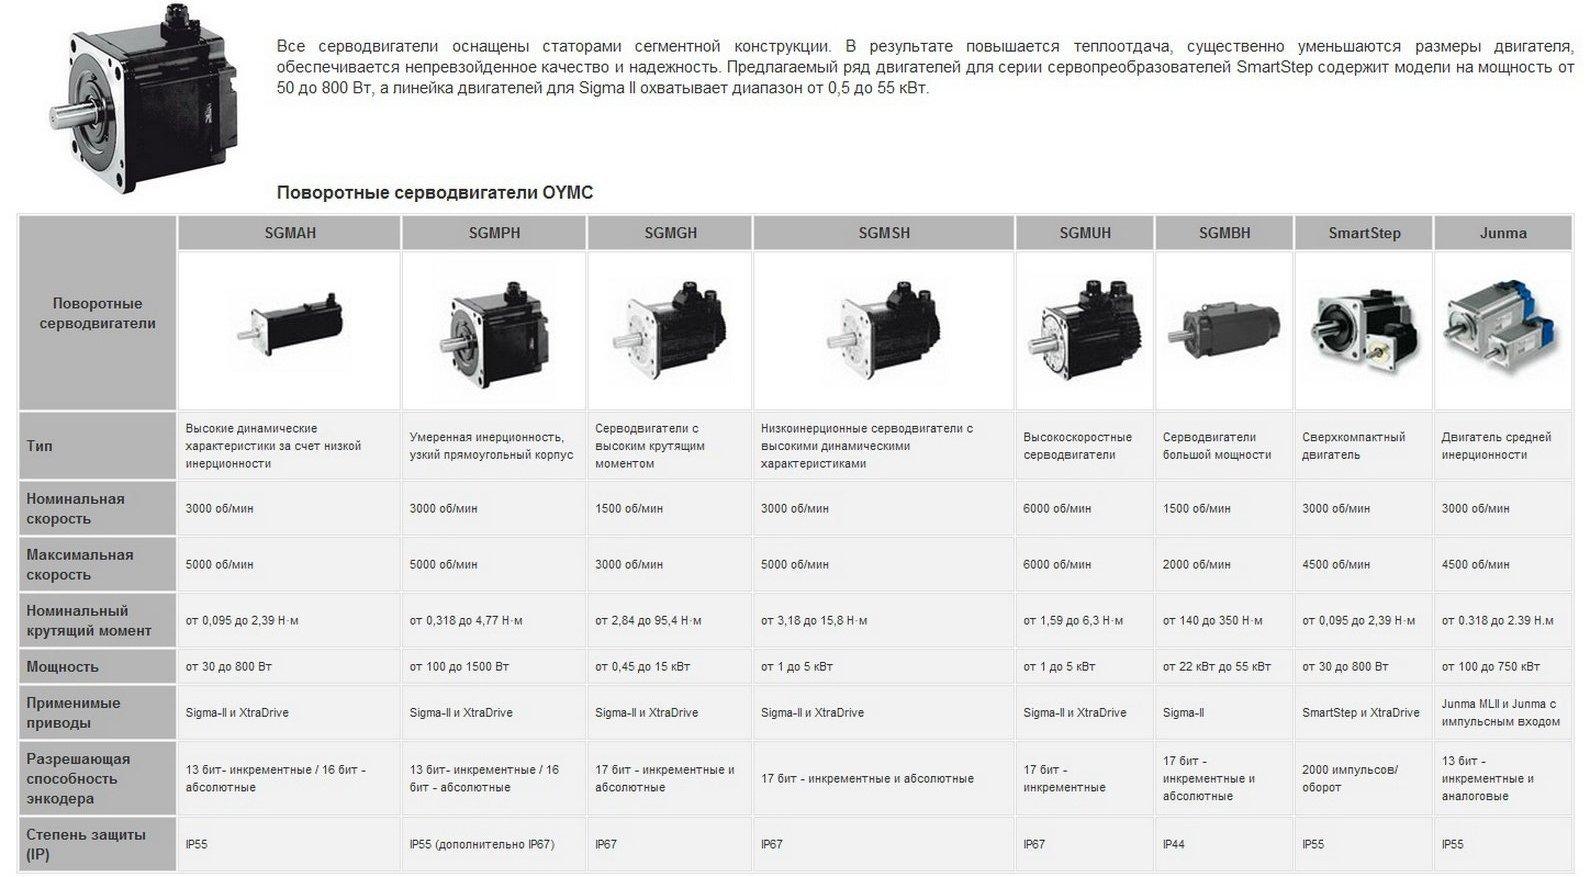 Поворотные серводвигатели OYMC